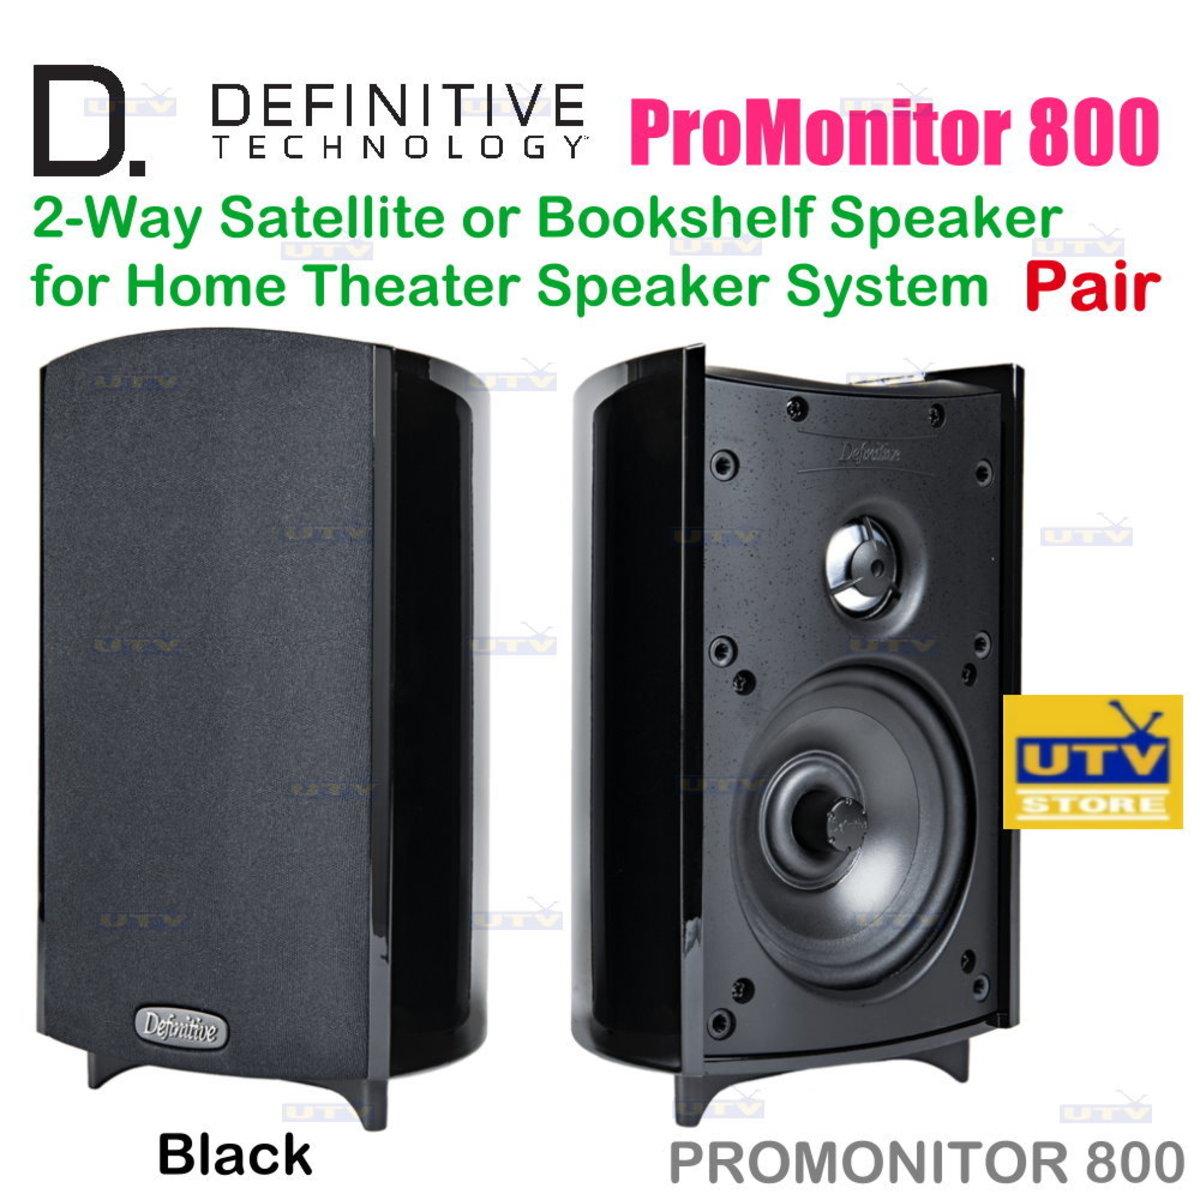 ProMonitor 800 Definitive Bookshelf Speaker for Home Theater Speaker System